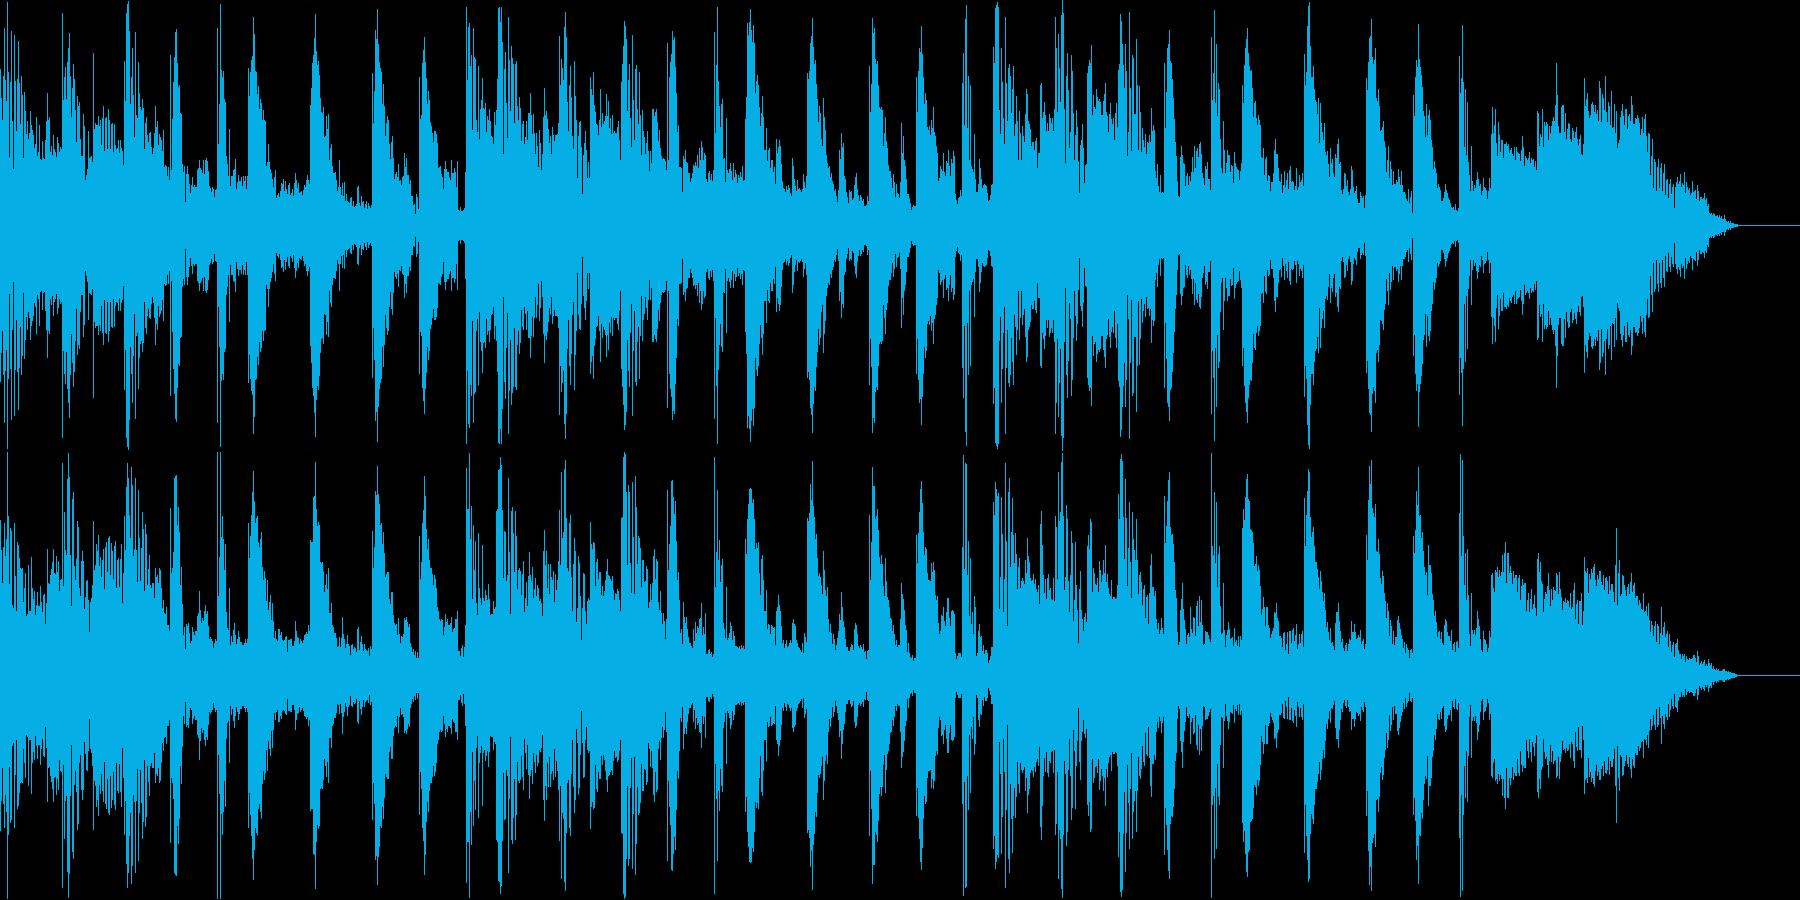 テクノでおしゃれなBGMの再生済みの波形